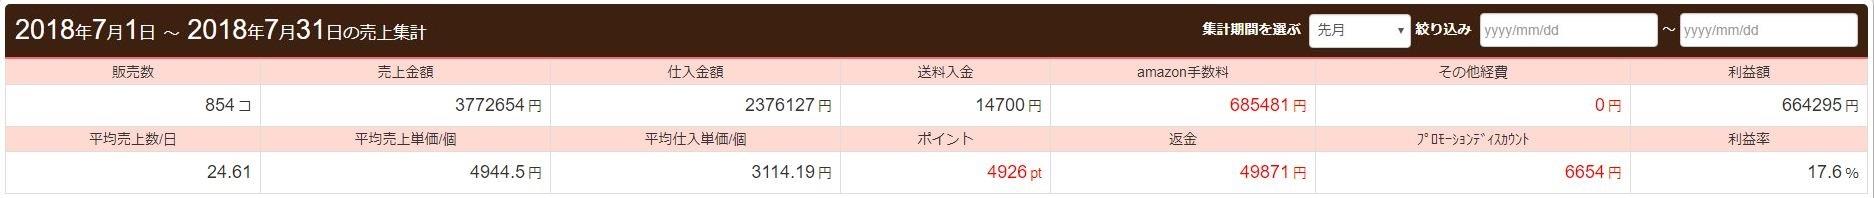 月商377万円、利益66万円